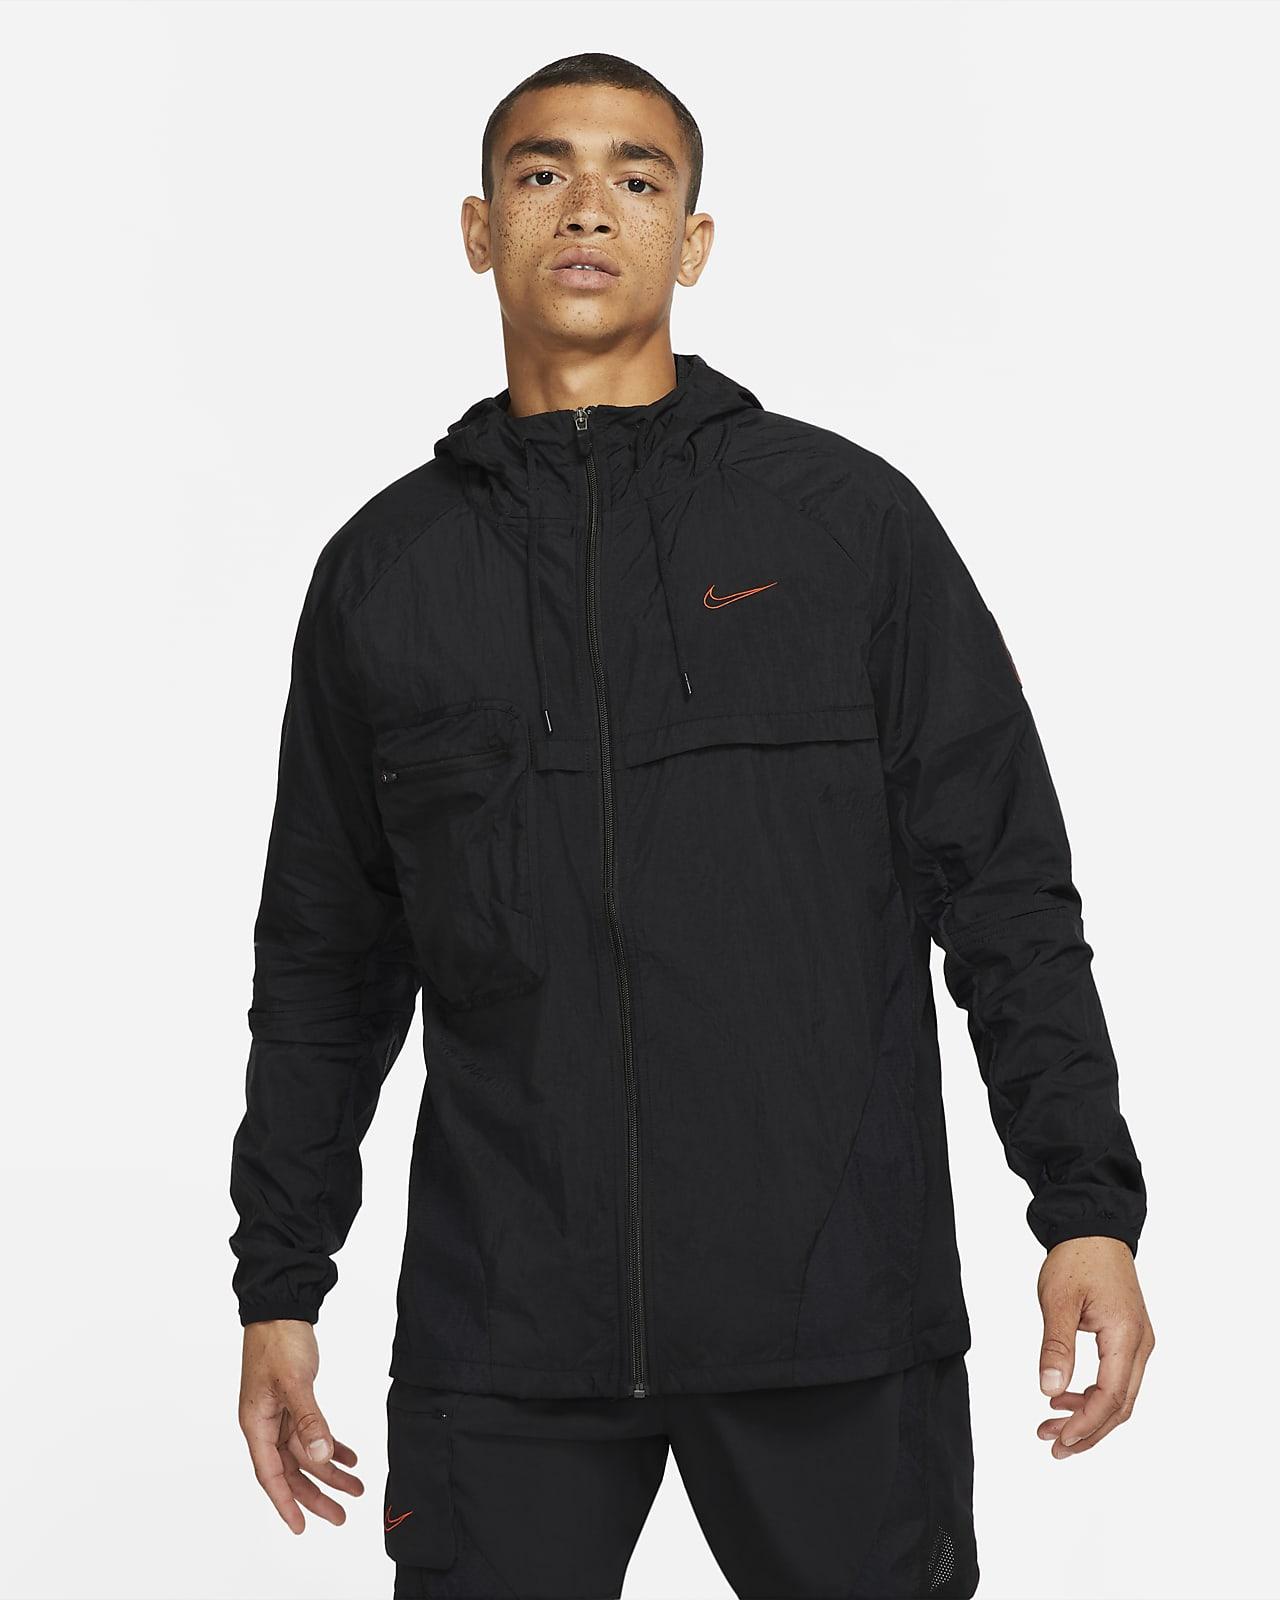 Nike Chaqueta de entrenamiento con cremallera completa - Hombre